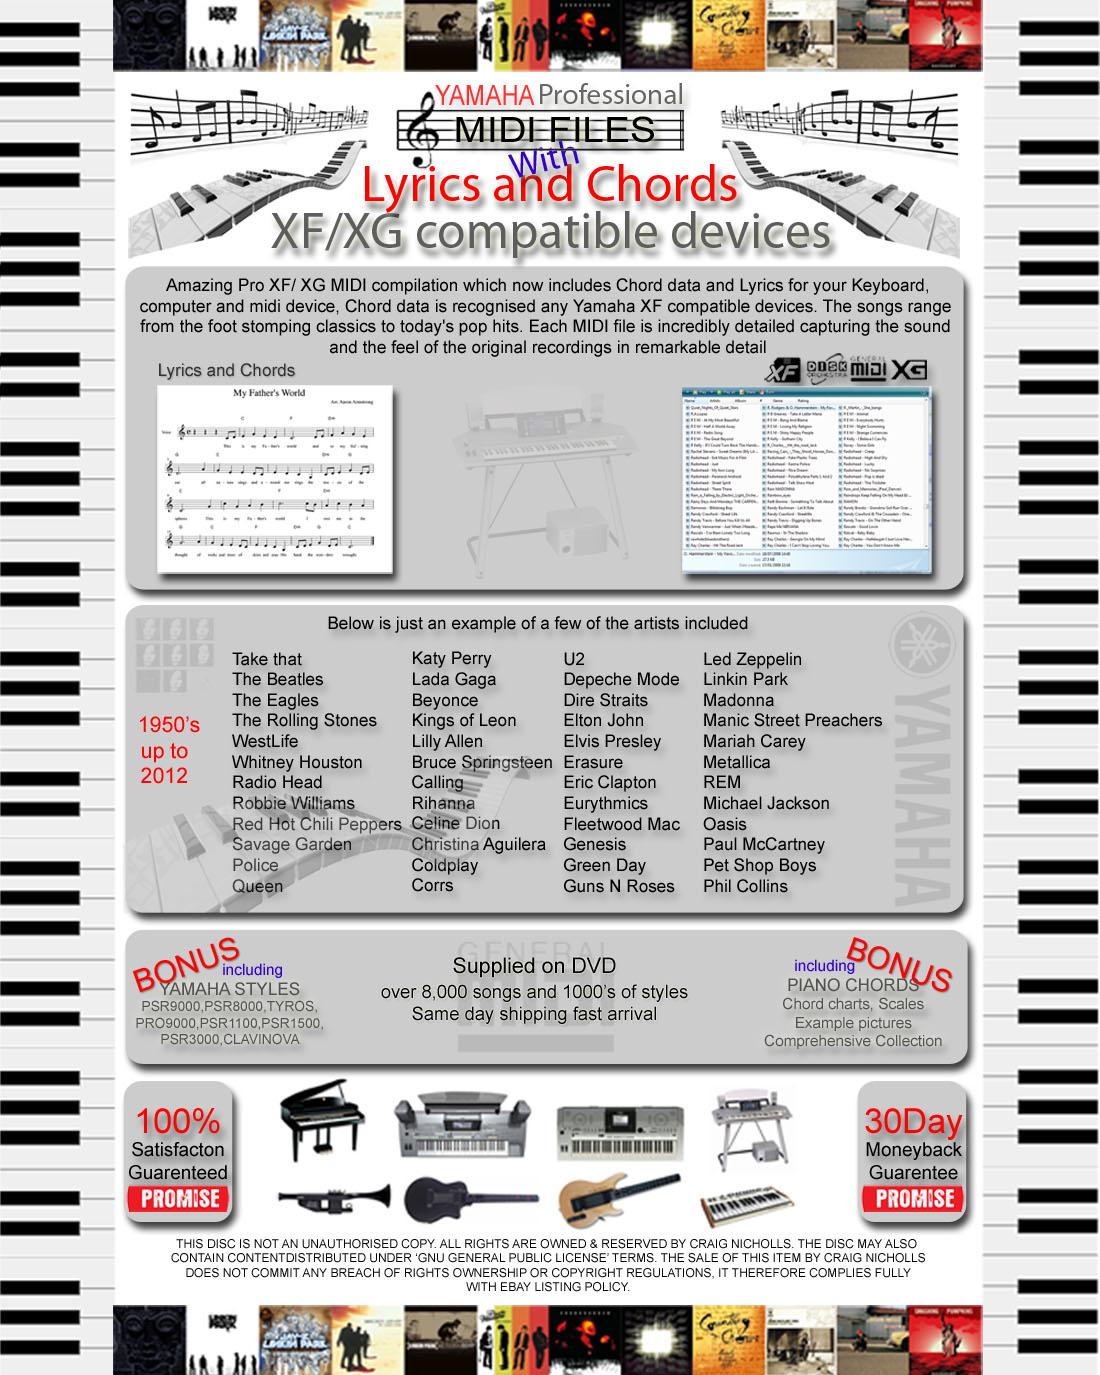 Details about YAMAHA XG XF GM SONGS CHORDS & LYRICS MIDI BACKING FILE TRACKS